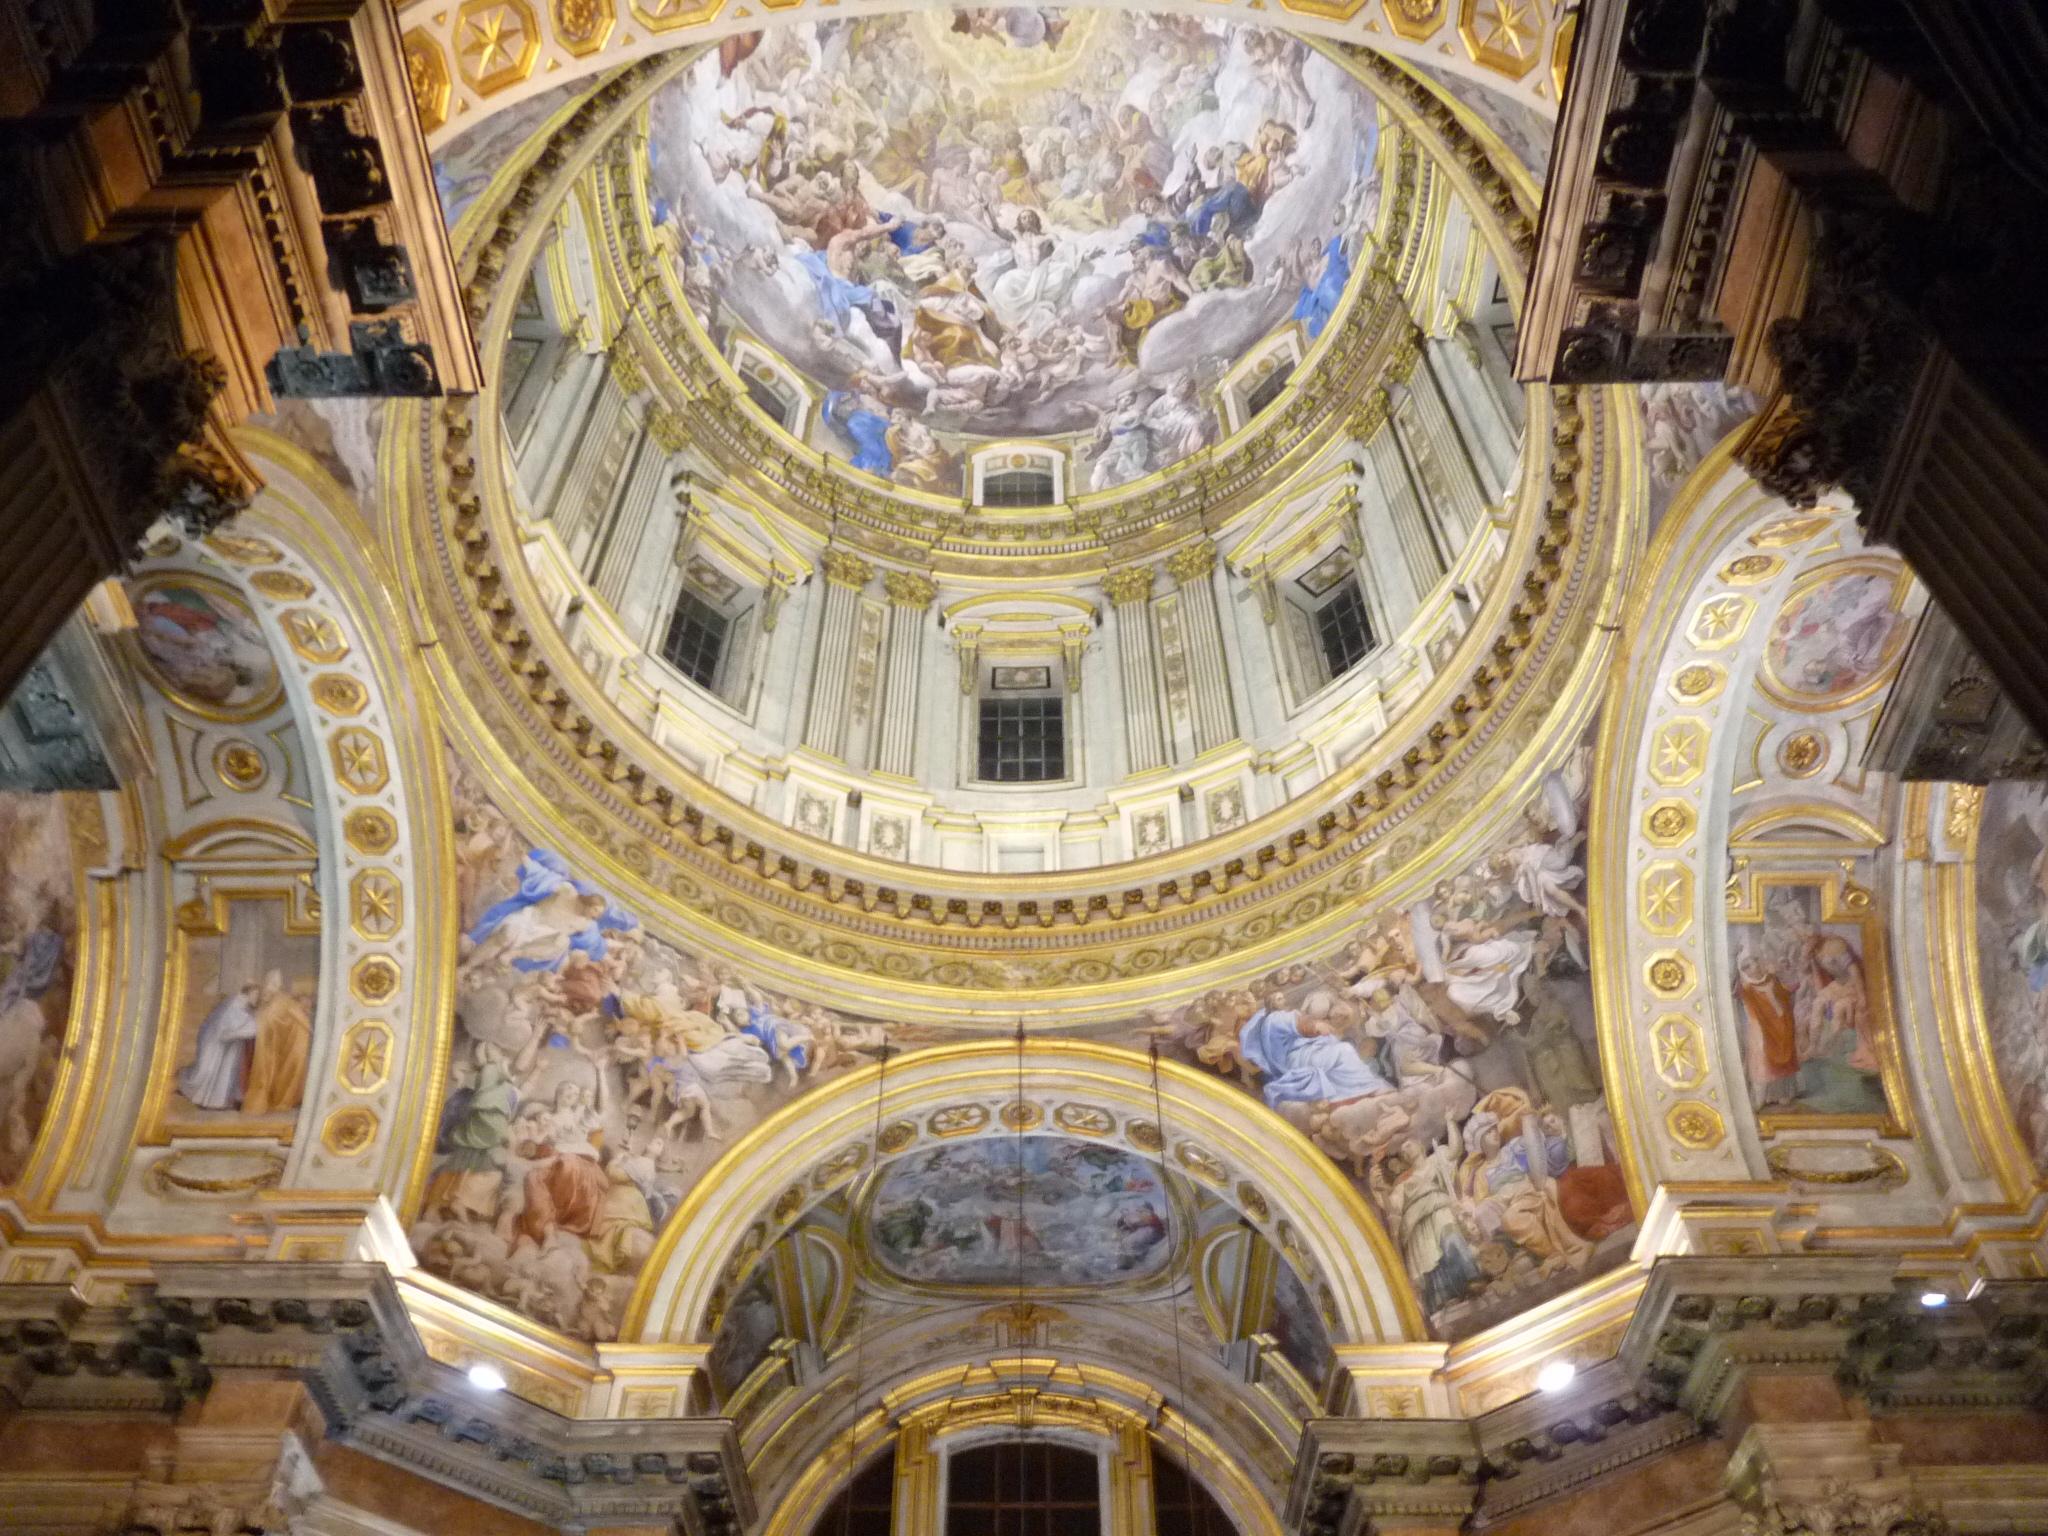 E questa è solo una cappella, la chiesa è ben più grossa. No, per dire.